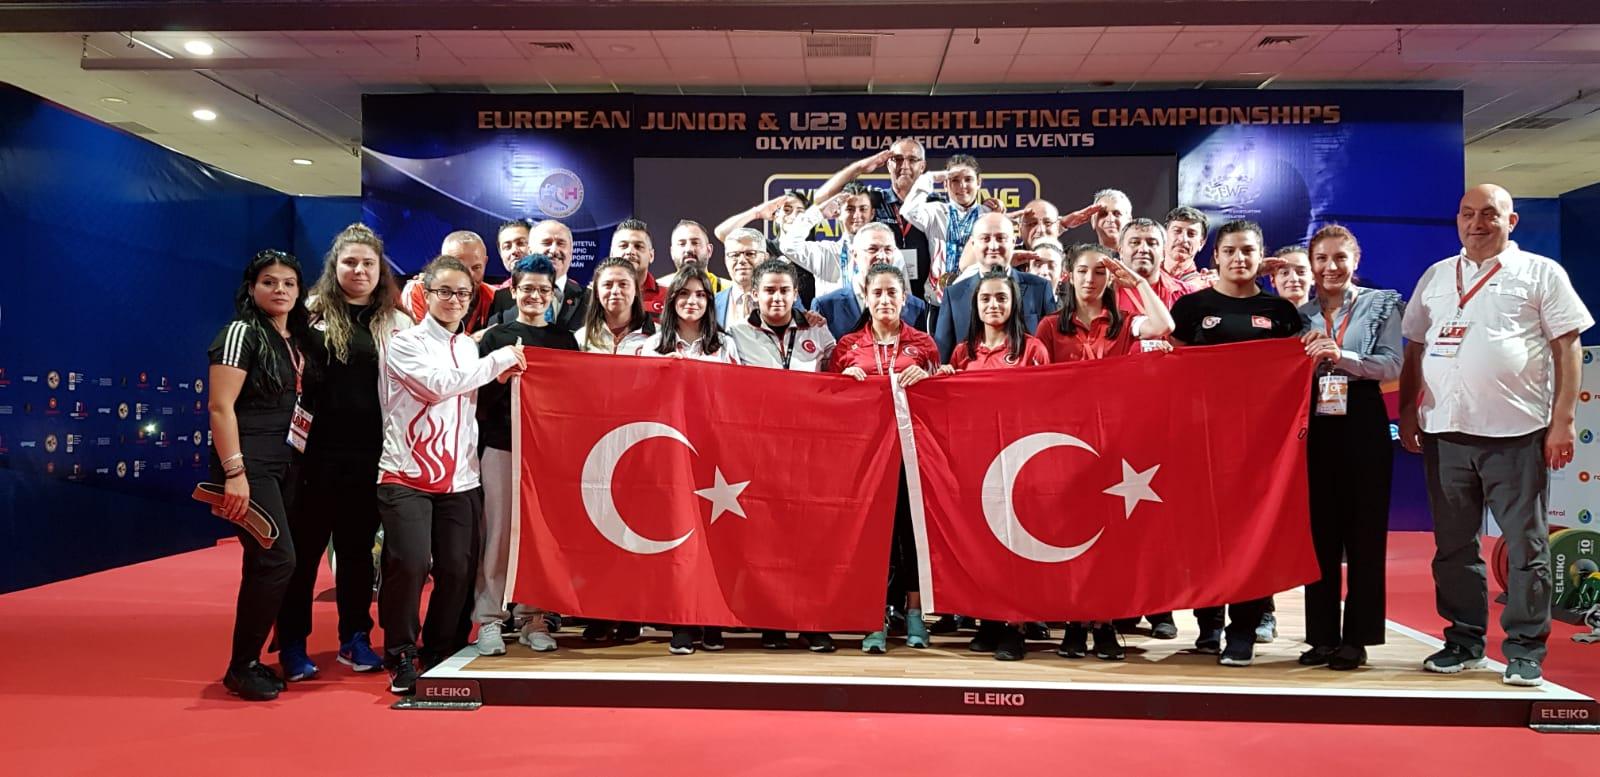 Ayşegül Çakın Altın madalyamı Barış Pınarı Harekatı'nda görev yapan Mehmetçiğe armağan ediyorum